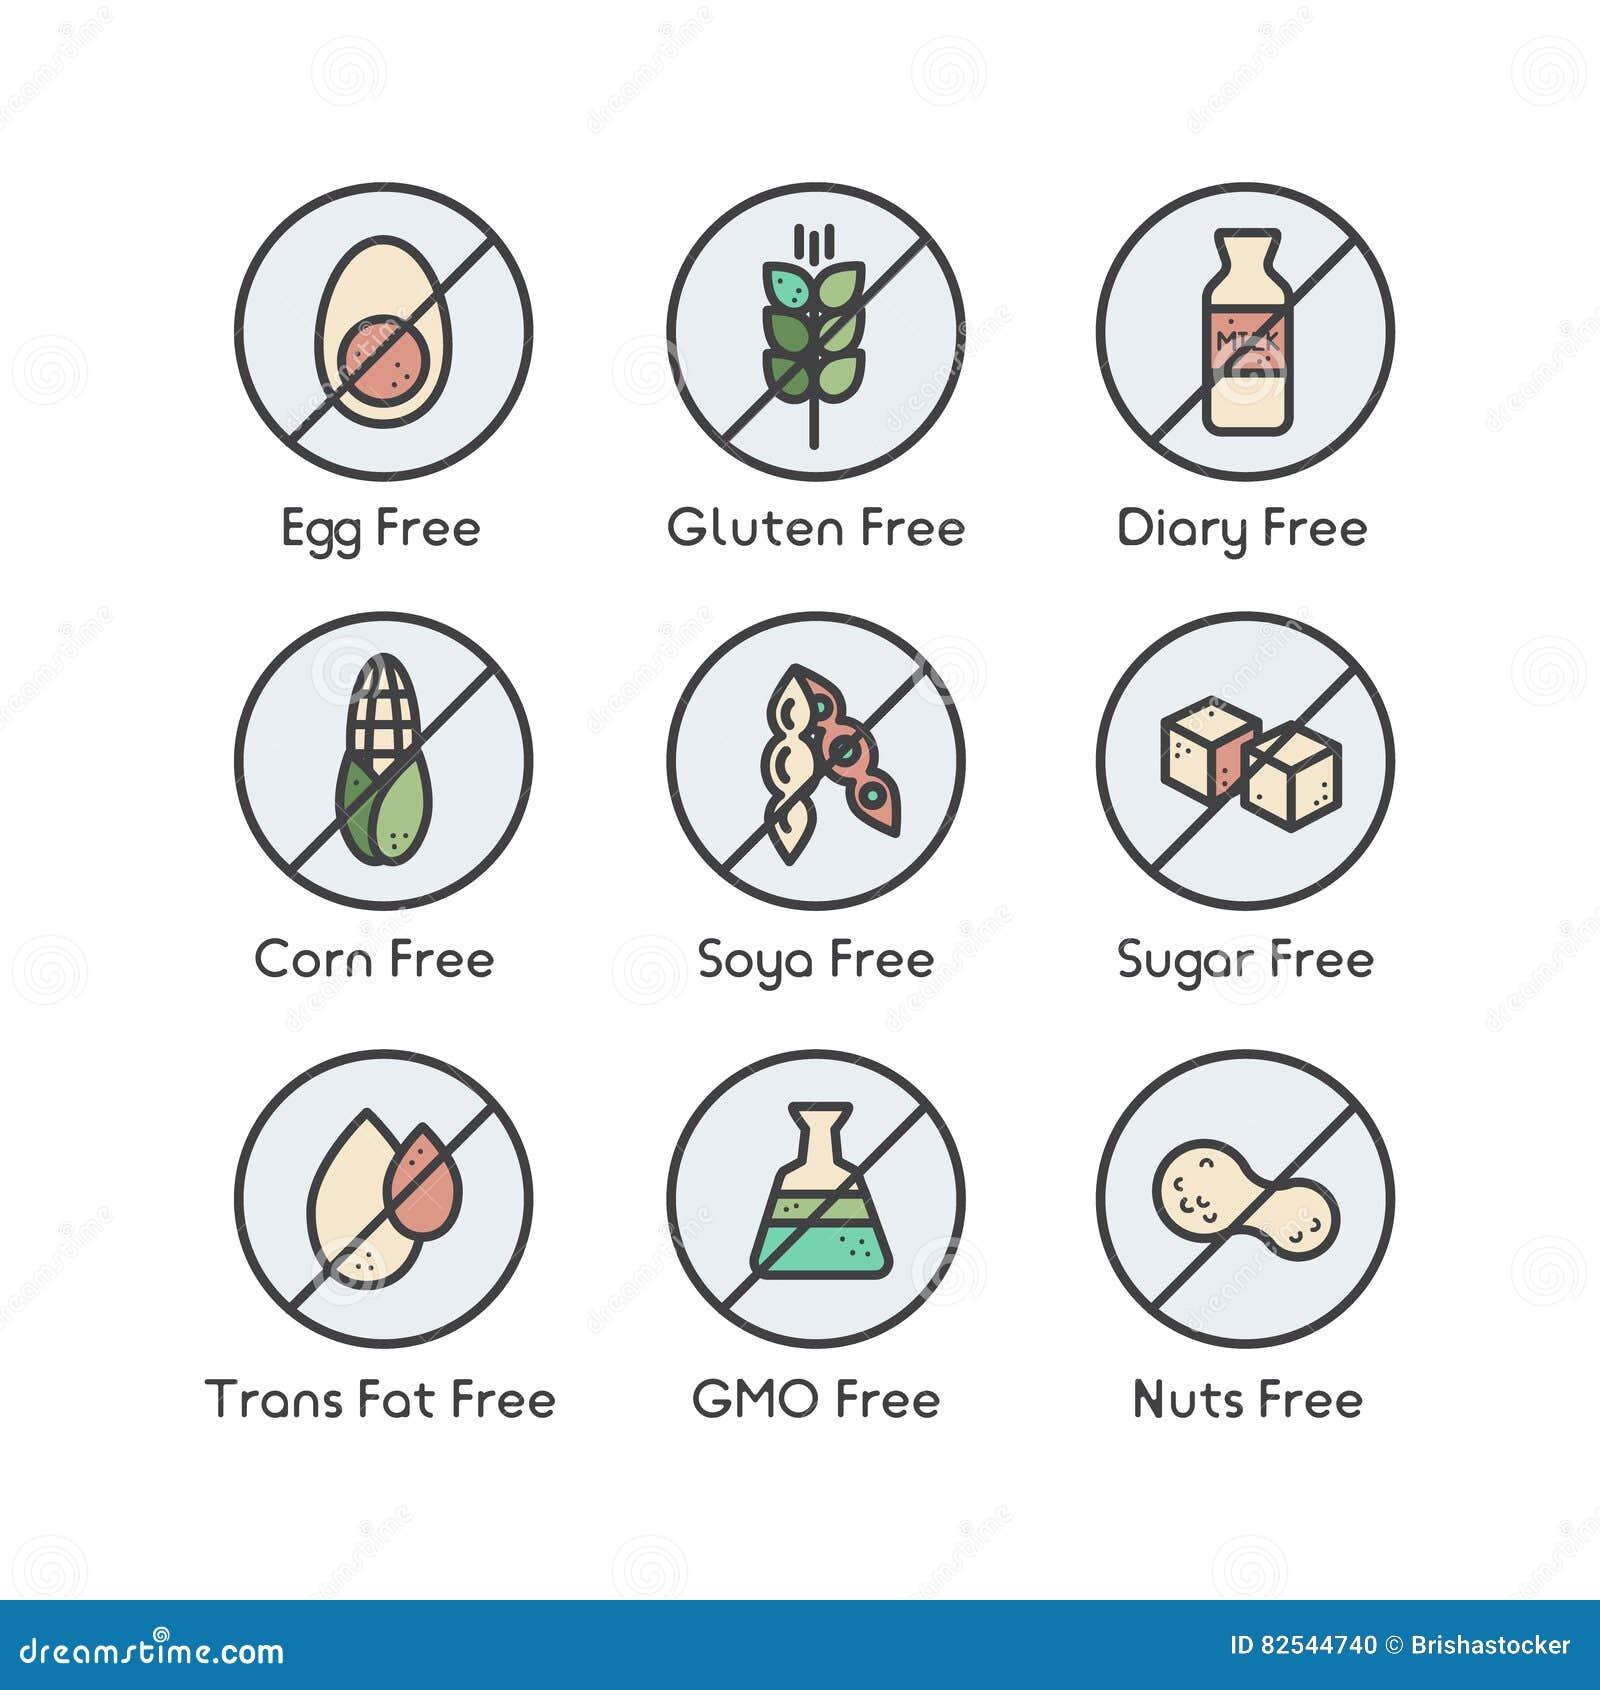 成份警告标记象 变态反应原面筋,乳糖,大豆,玉米,日志,牛奶,糖, Trans油脂 素食和有机标志